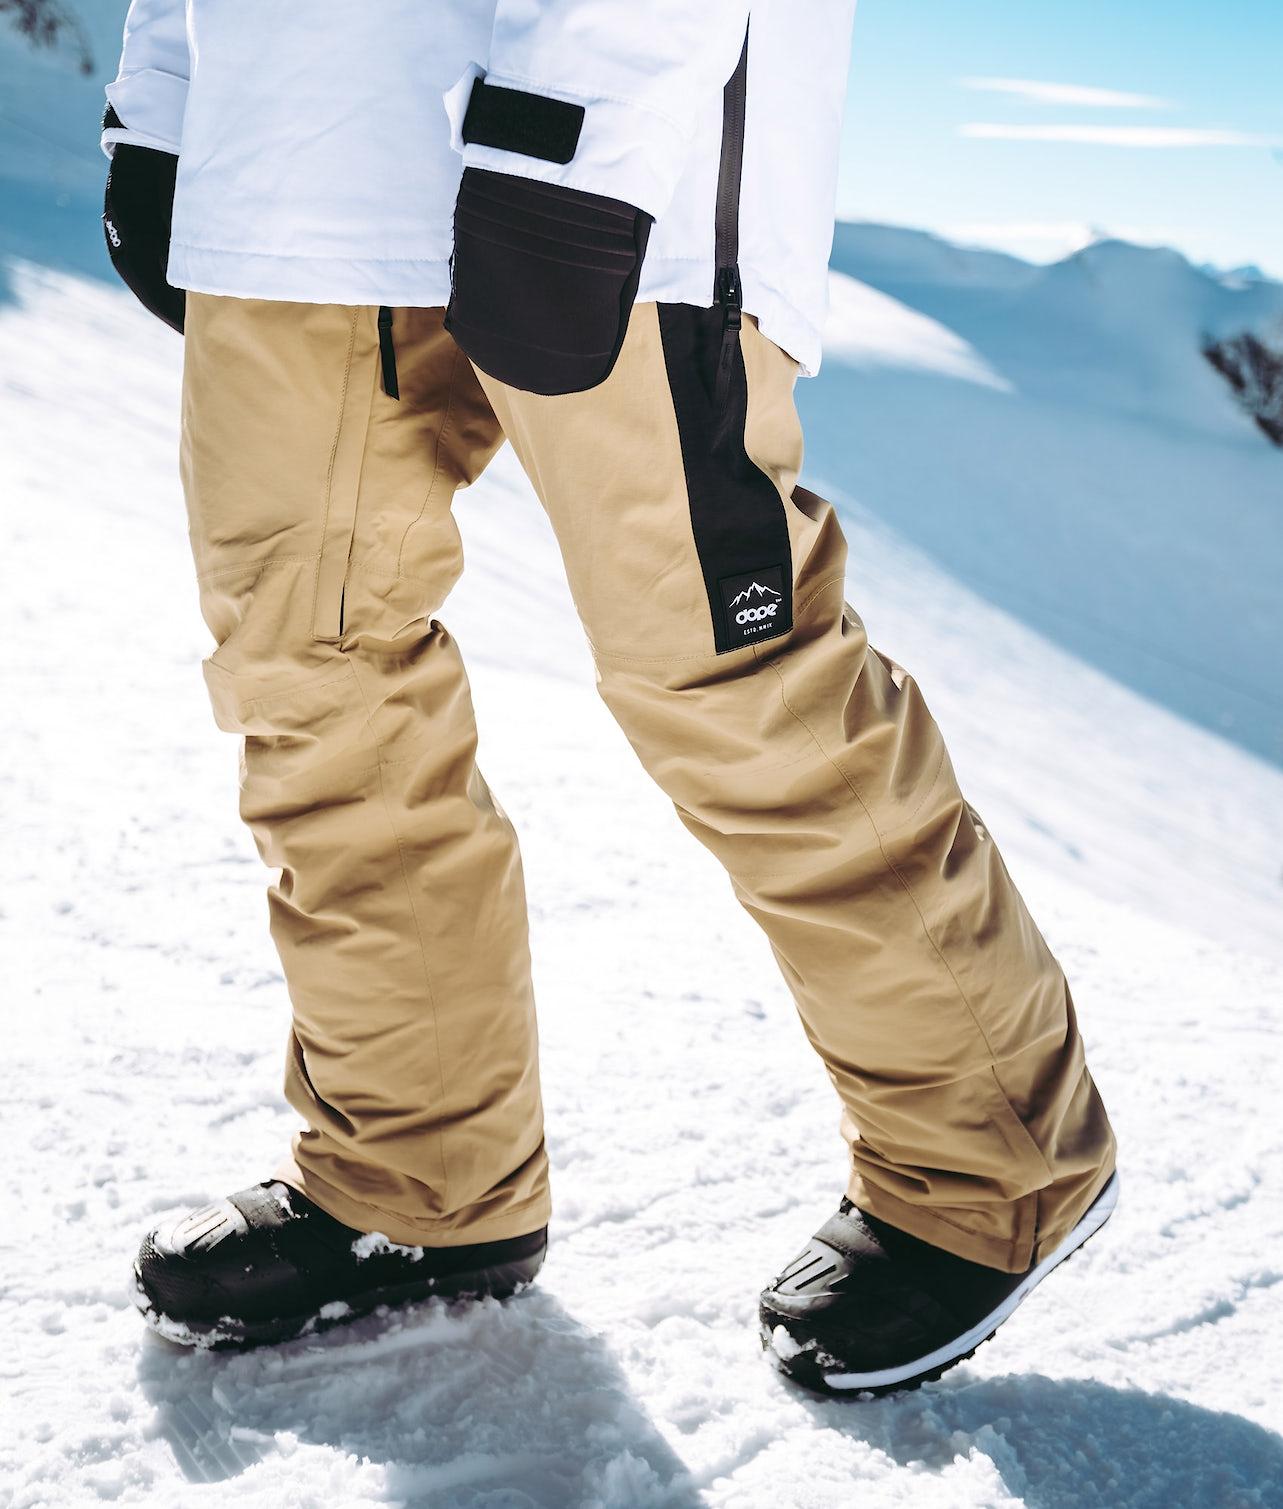 Köp Hoax II Snowboardbyxa från Dope på Ridestore.se Hos oss har du alltid fri frakt, fri retur och 30 dagar öppet köp!